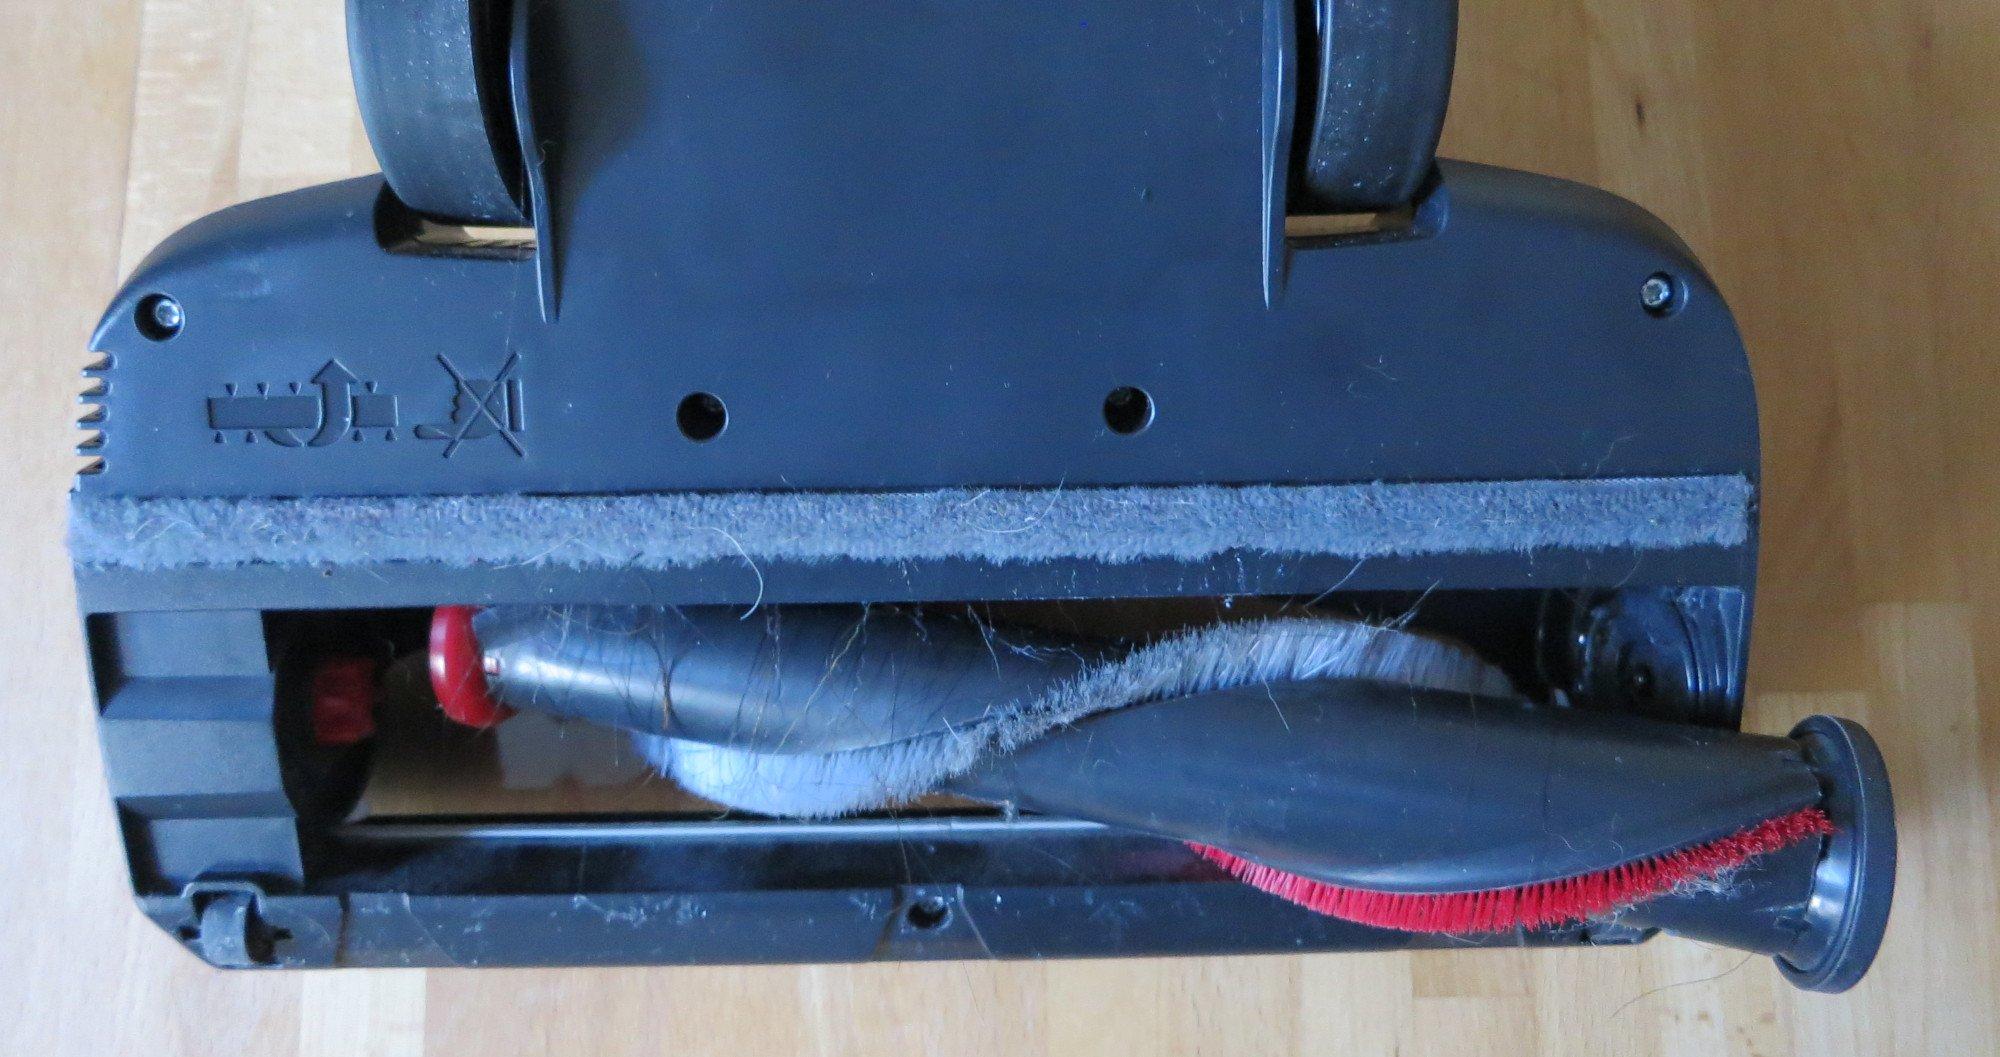 Die Bürstenrolle des AEG FX9 lässt sich leicht herausnehmen und reinigen (Bild: Peter Giesecke)